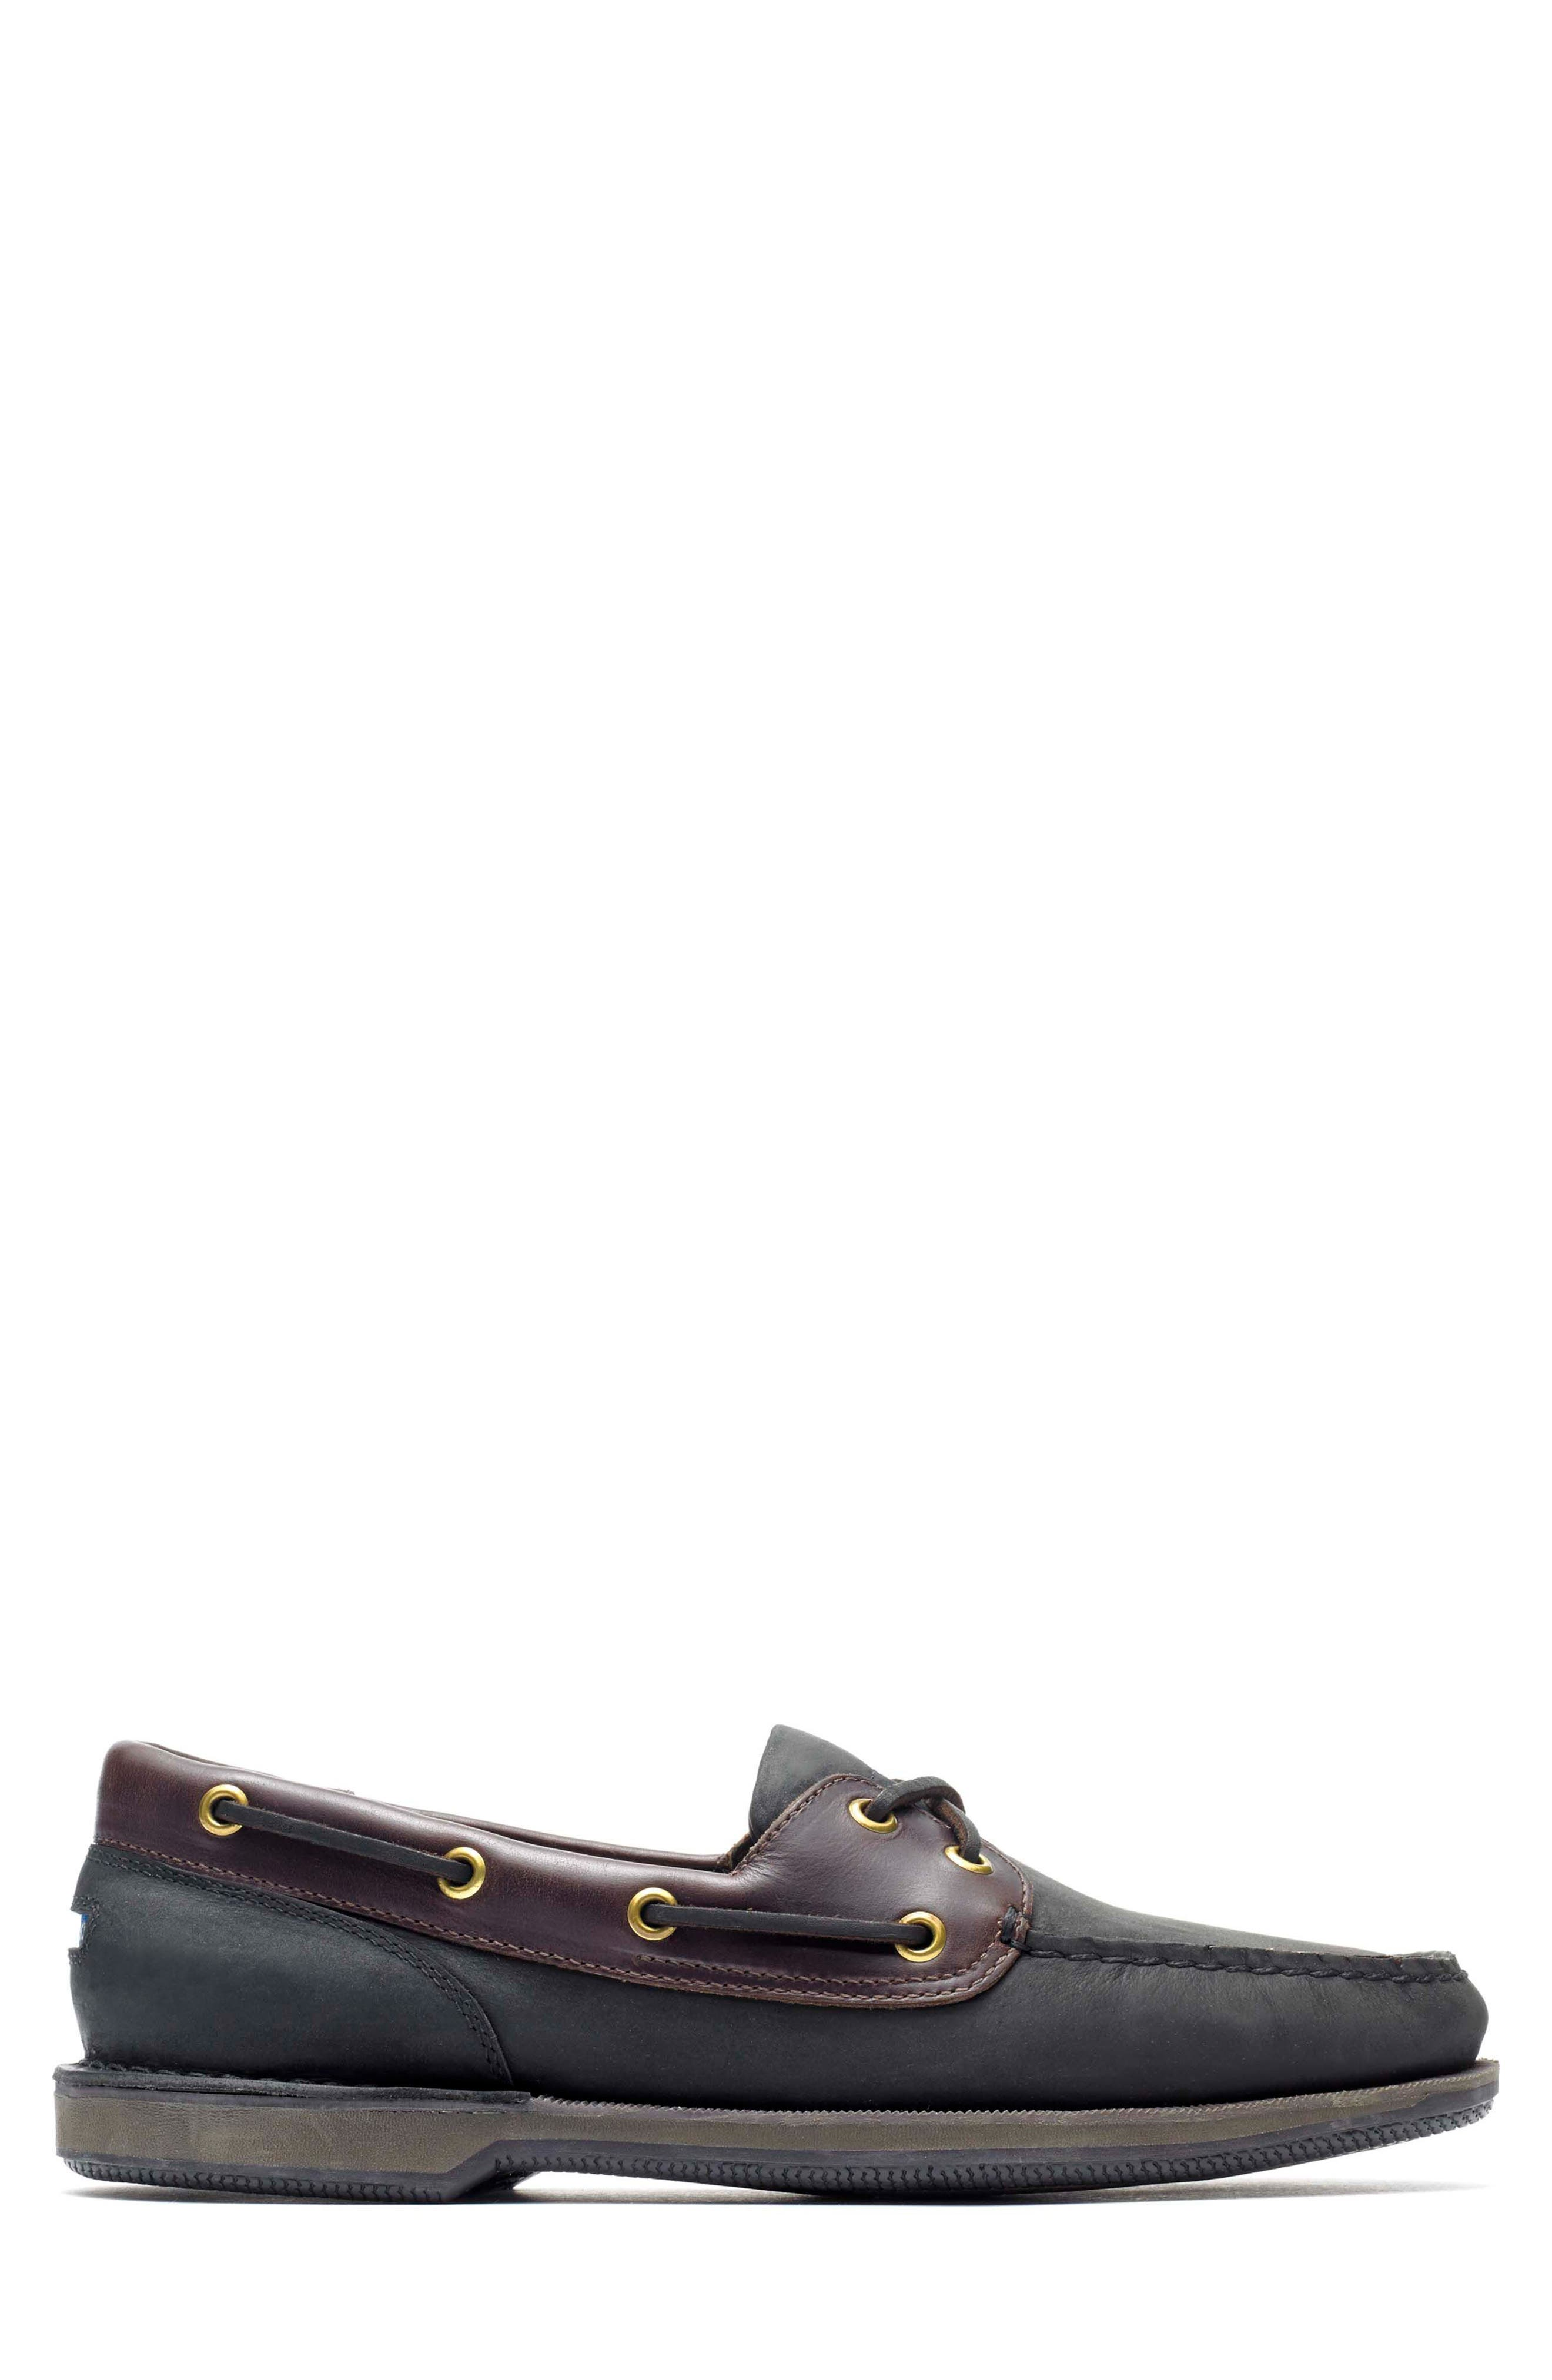 'Perth' Boat Shoe,                             Alternate thumbnail 3, color,                             Black/ Bark Leather